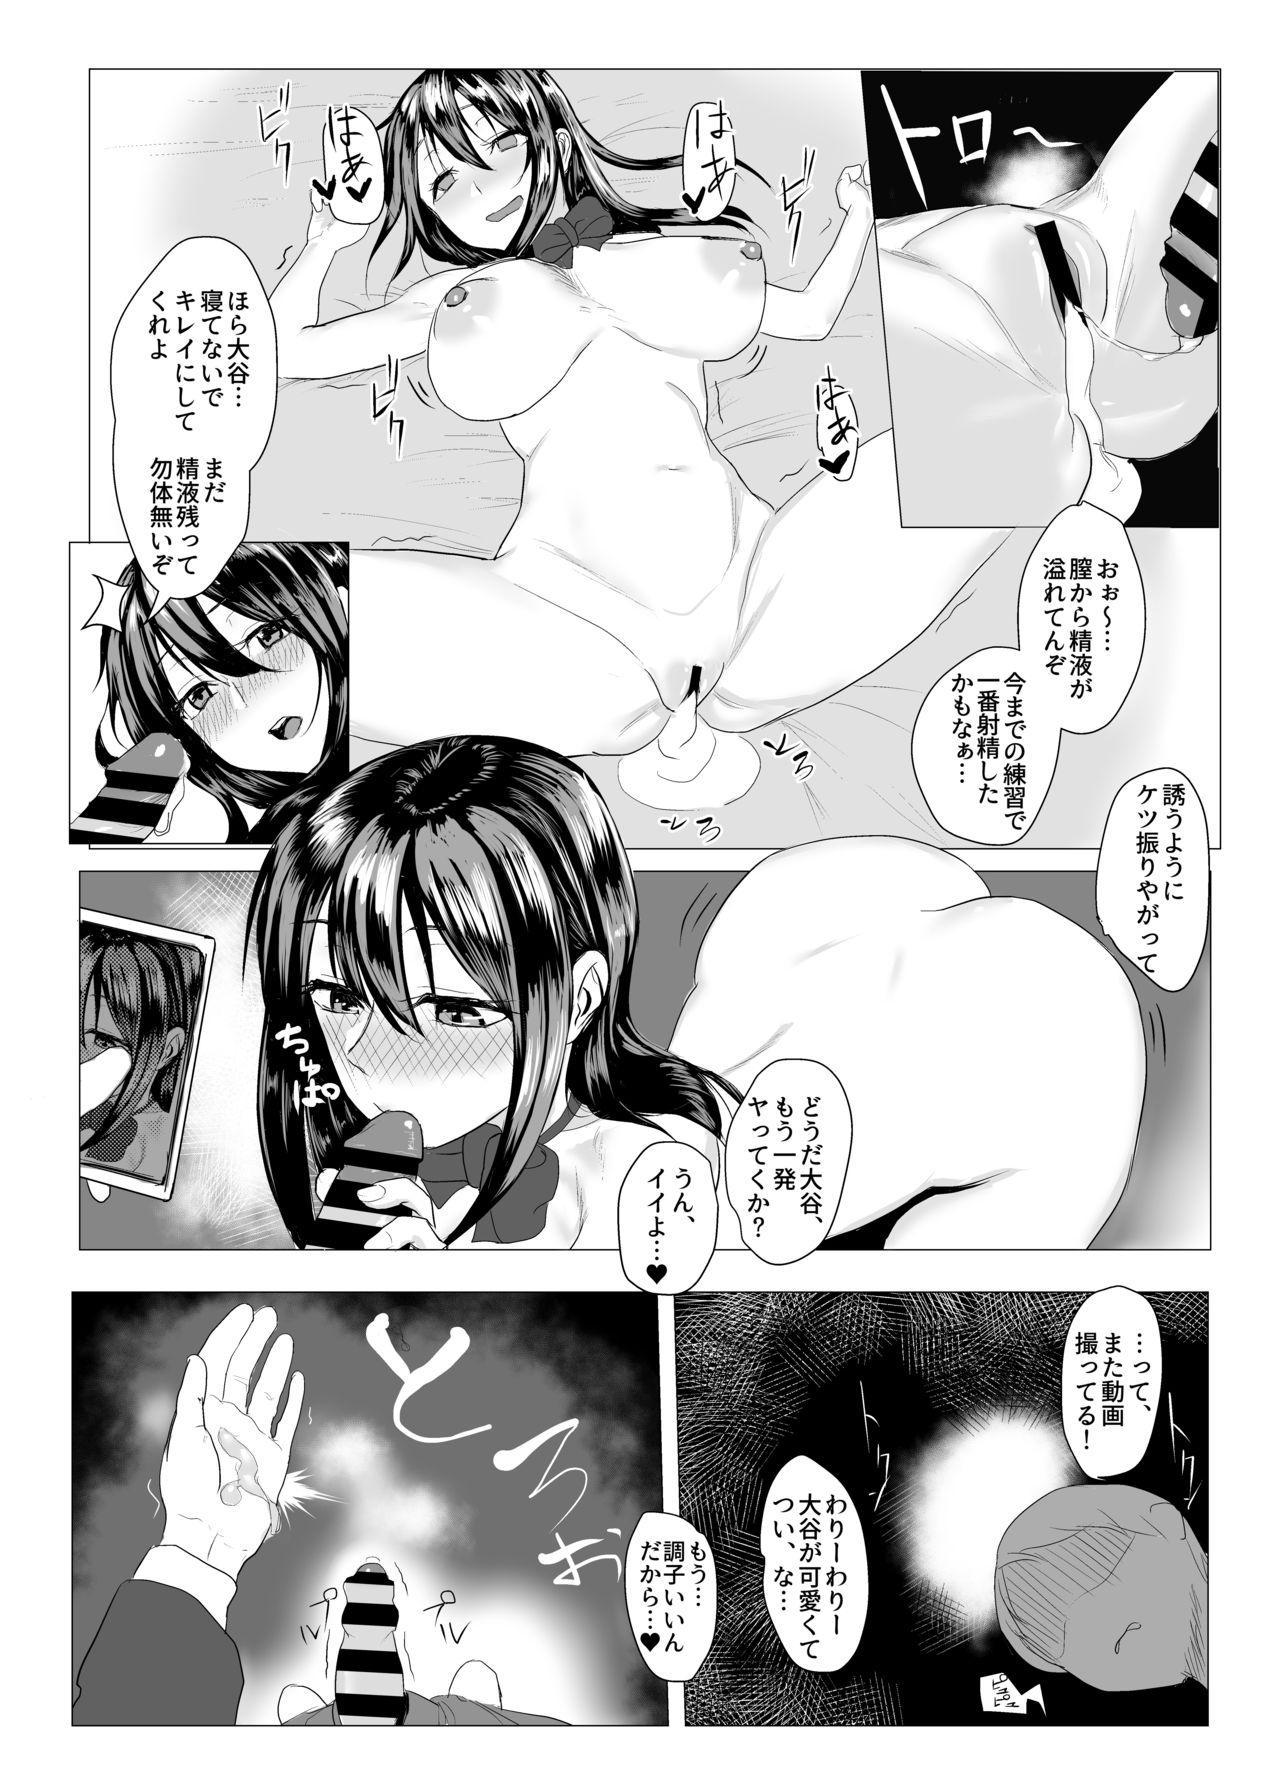 Houkago Netorare Seishidou - Boku no Kanojo wa Aitsu no Nikubenki 22